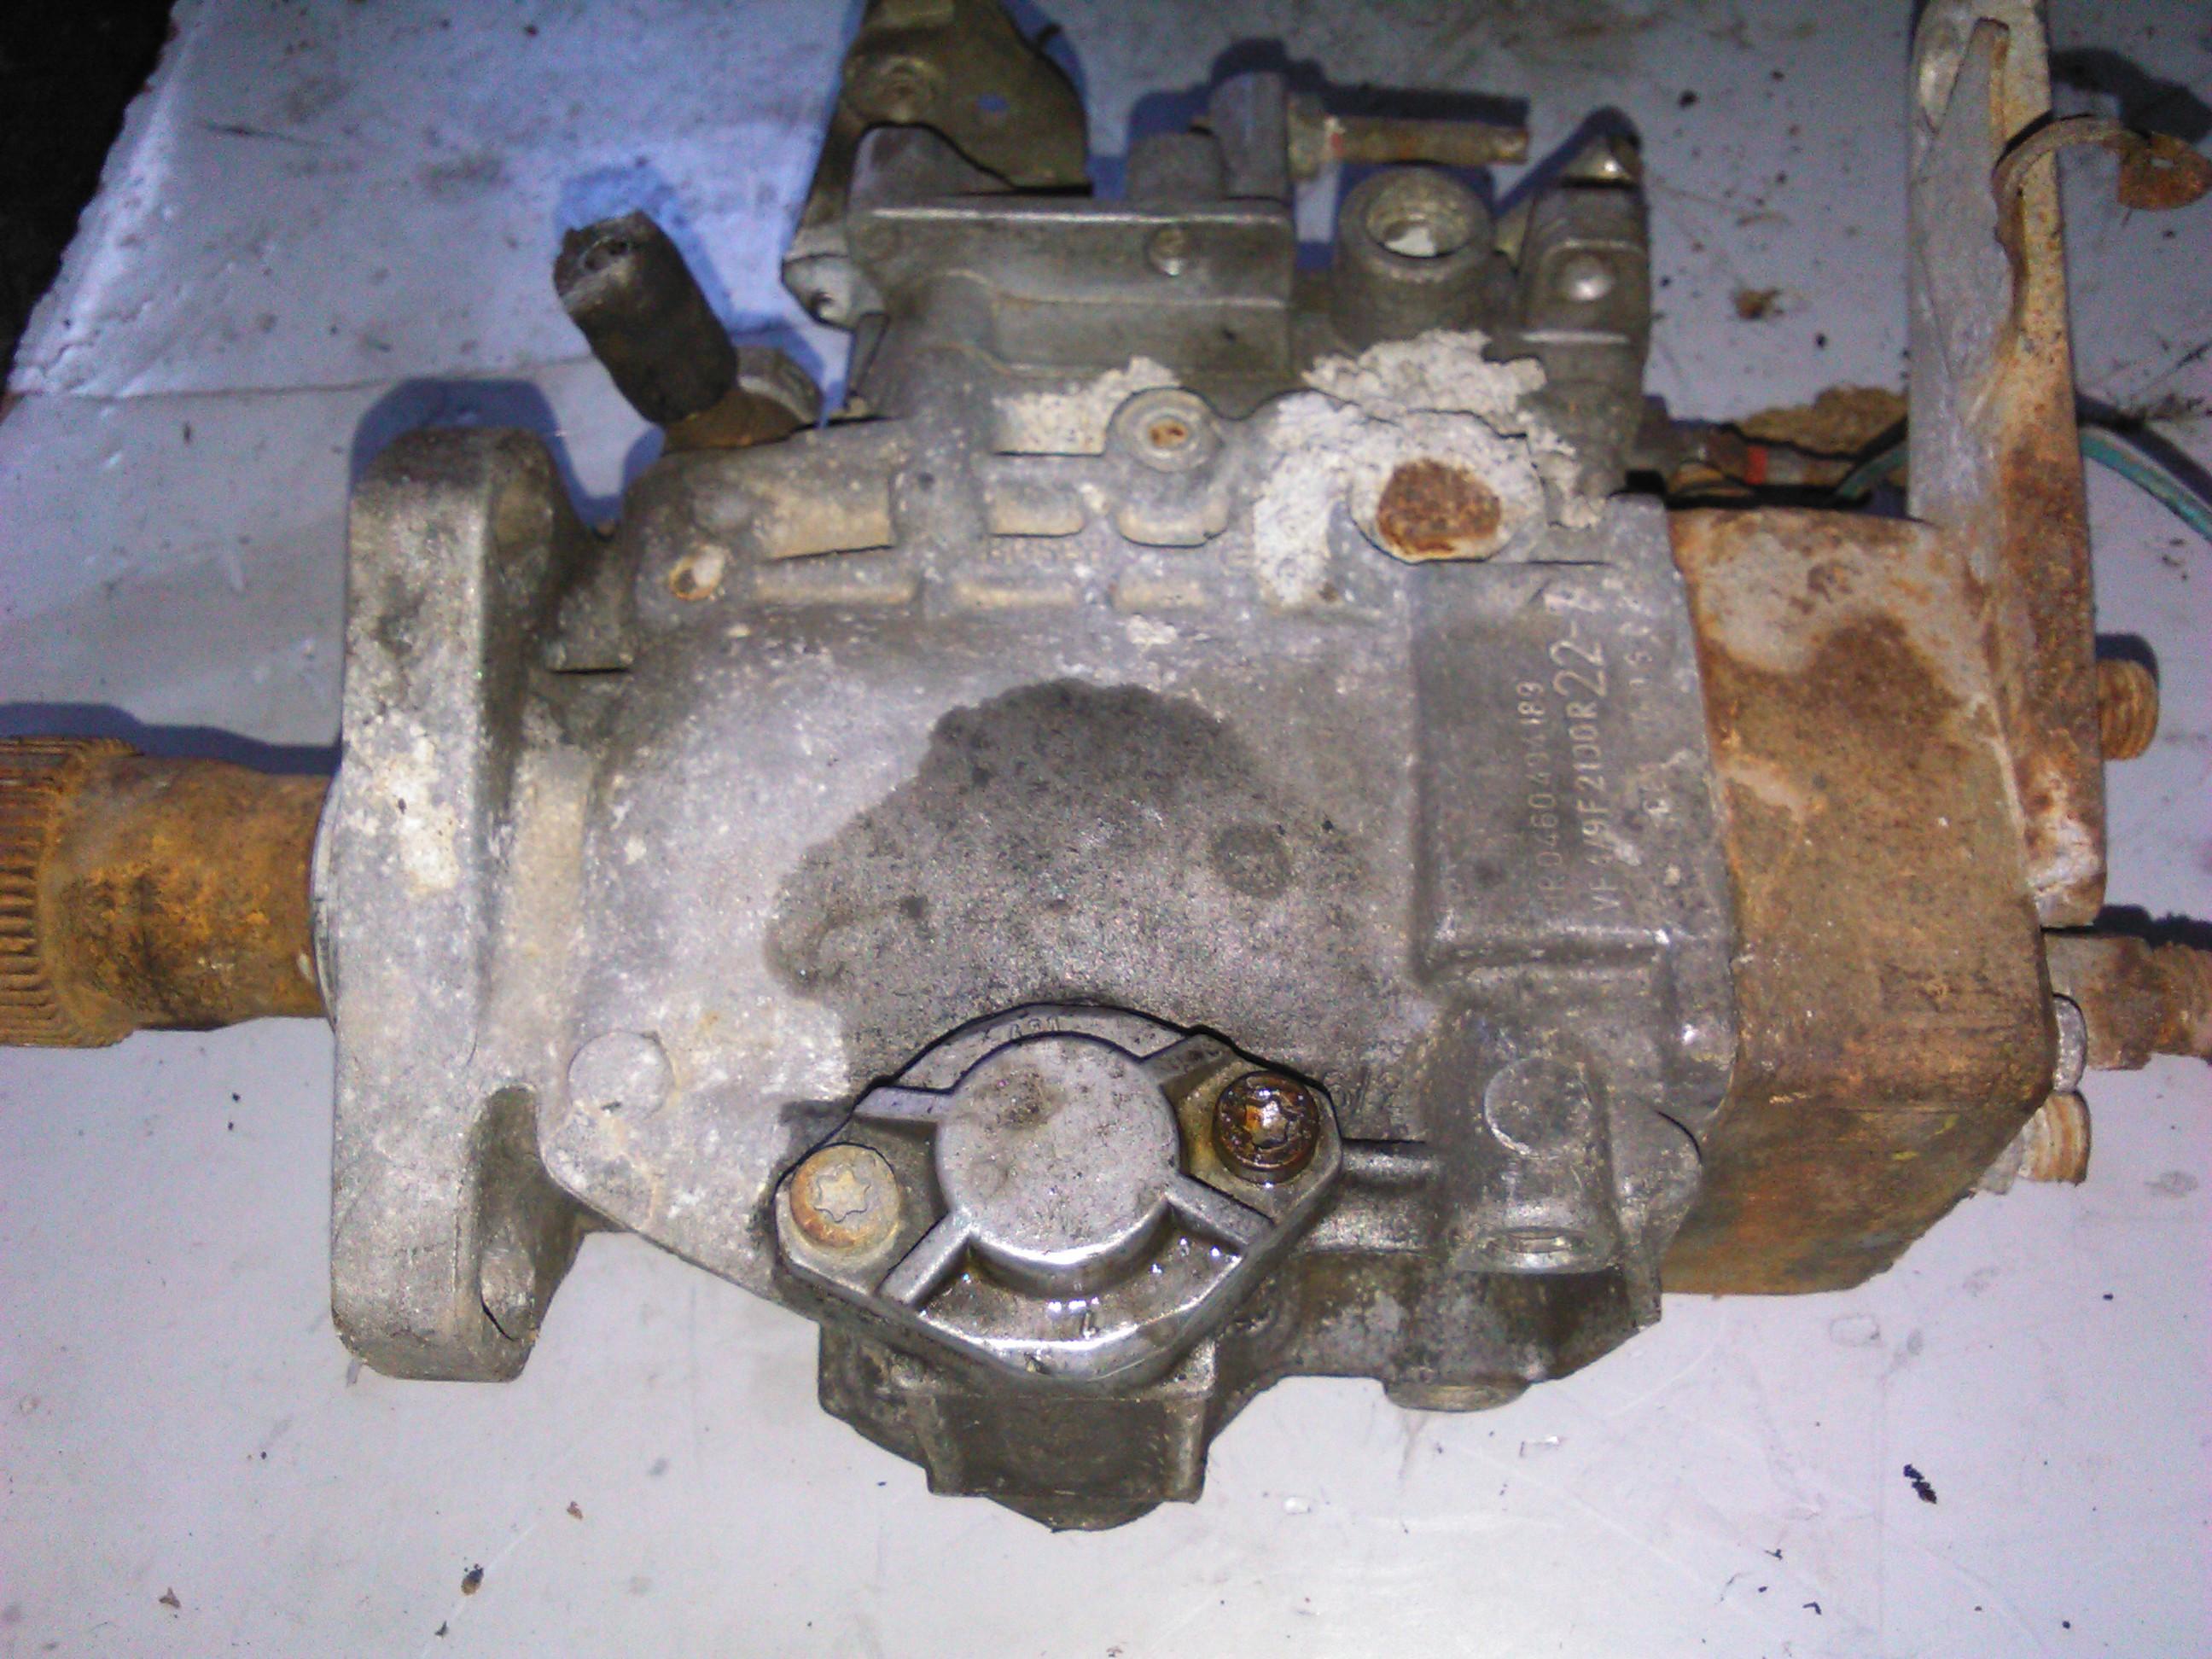 Pompa de injectie Fiat Ducato 2.5d 814067 cod 0460494189